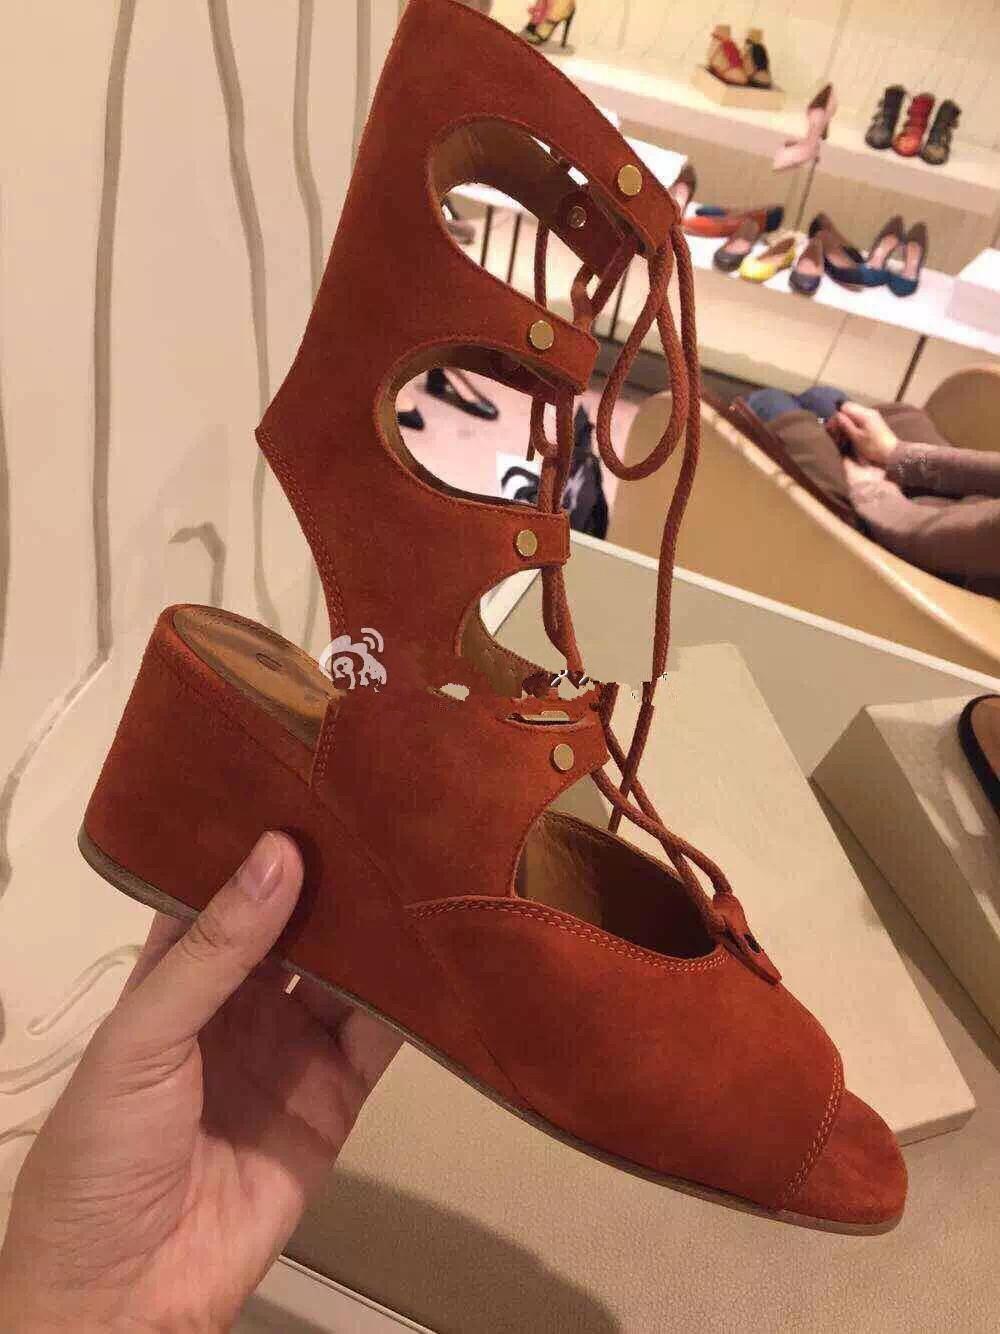 2017欧美升级版真皮绑带镂空系带坡跟凉鞋露趾鱼嘴中筒罗马凉鞋靴